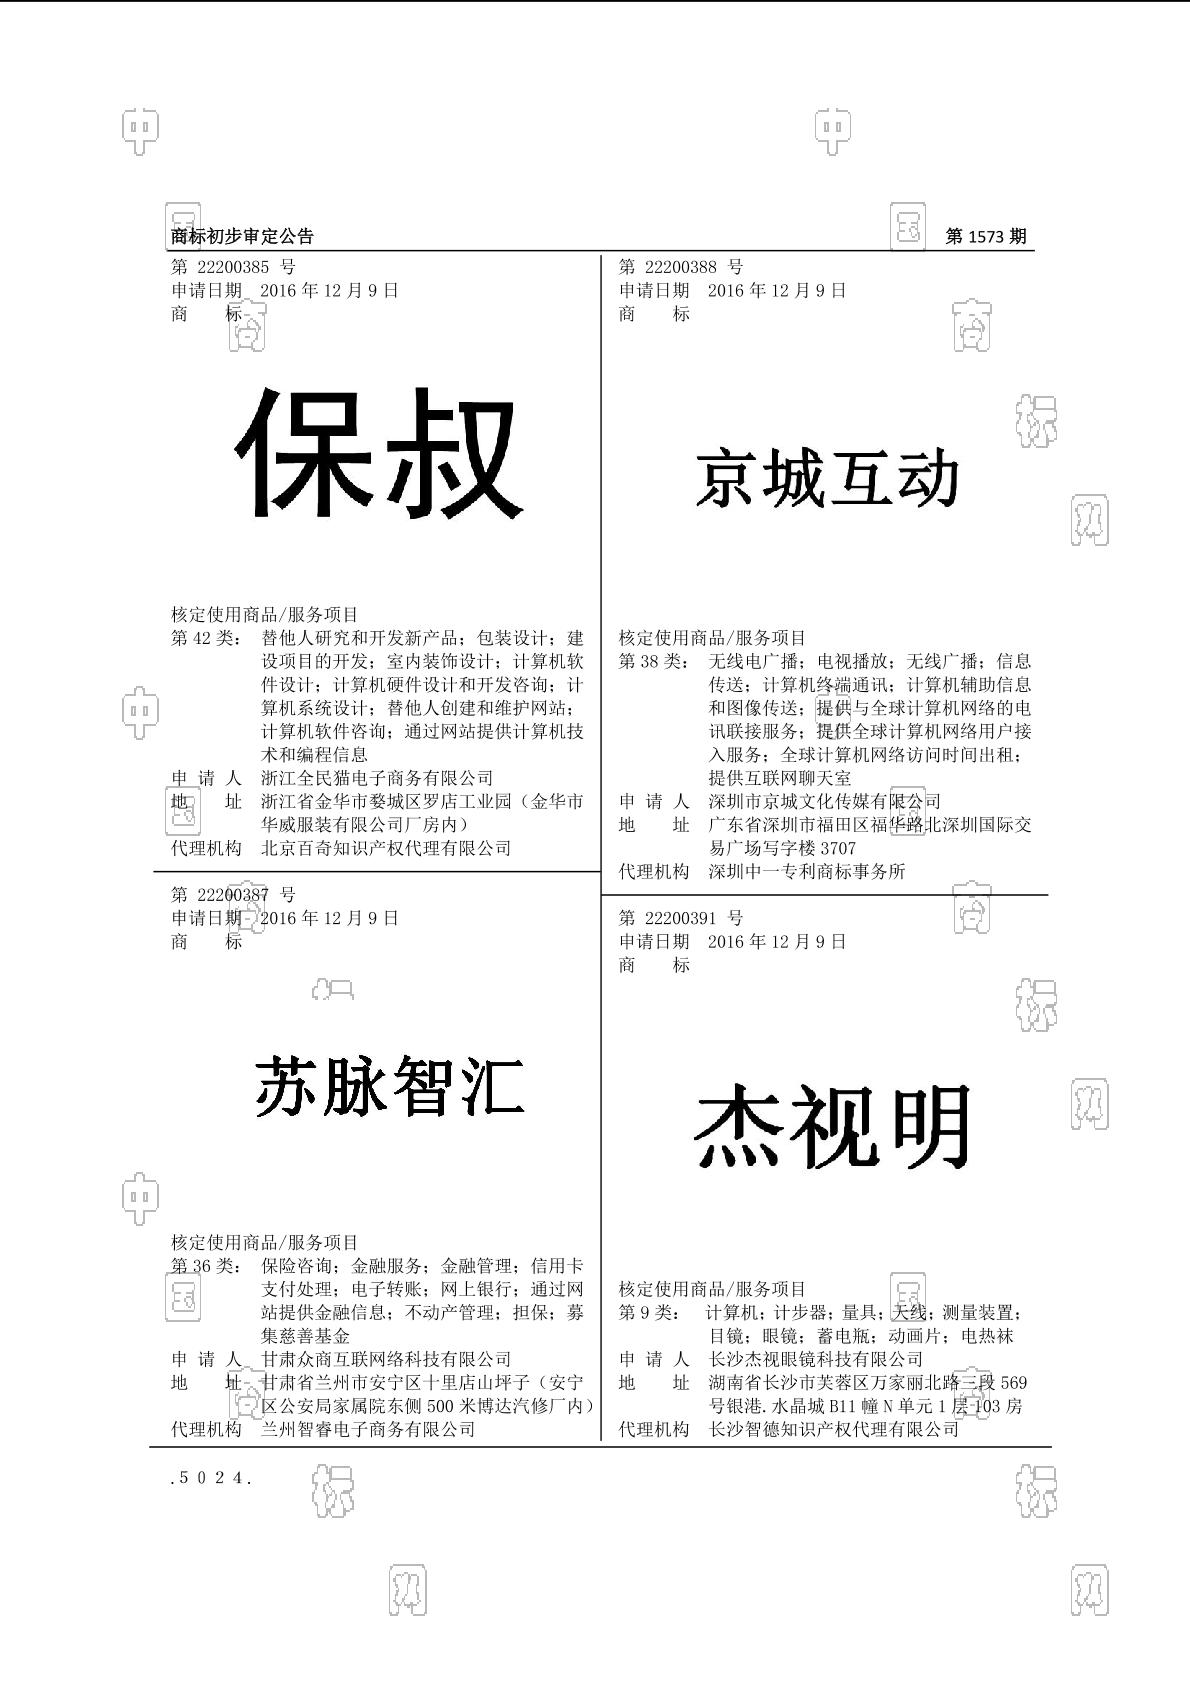 【社标网】京城互动商标状态注册号信息 深圳市京城文化传媒有限公司商标信息-商标查询